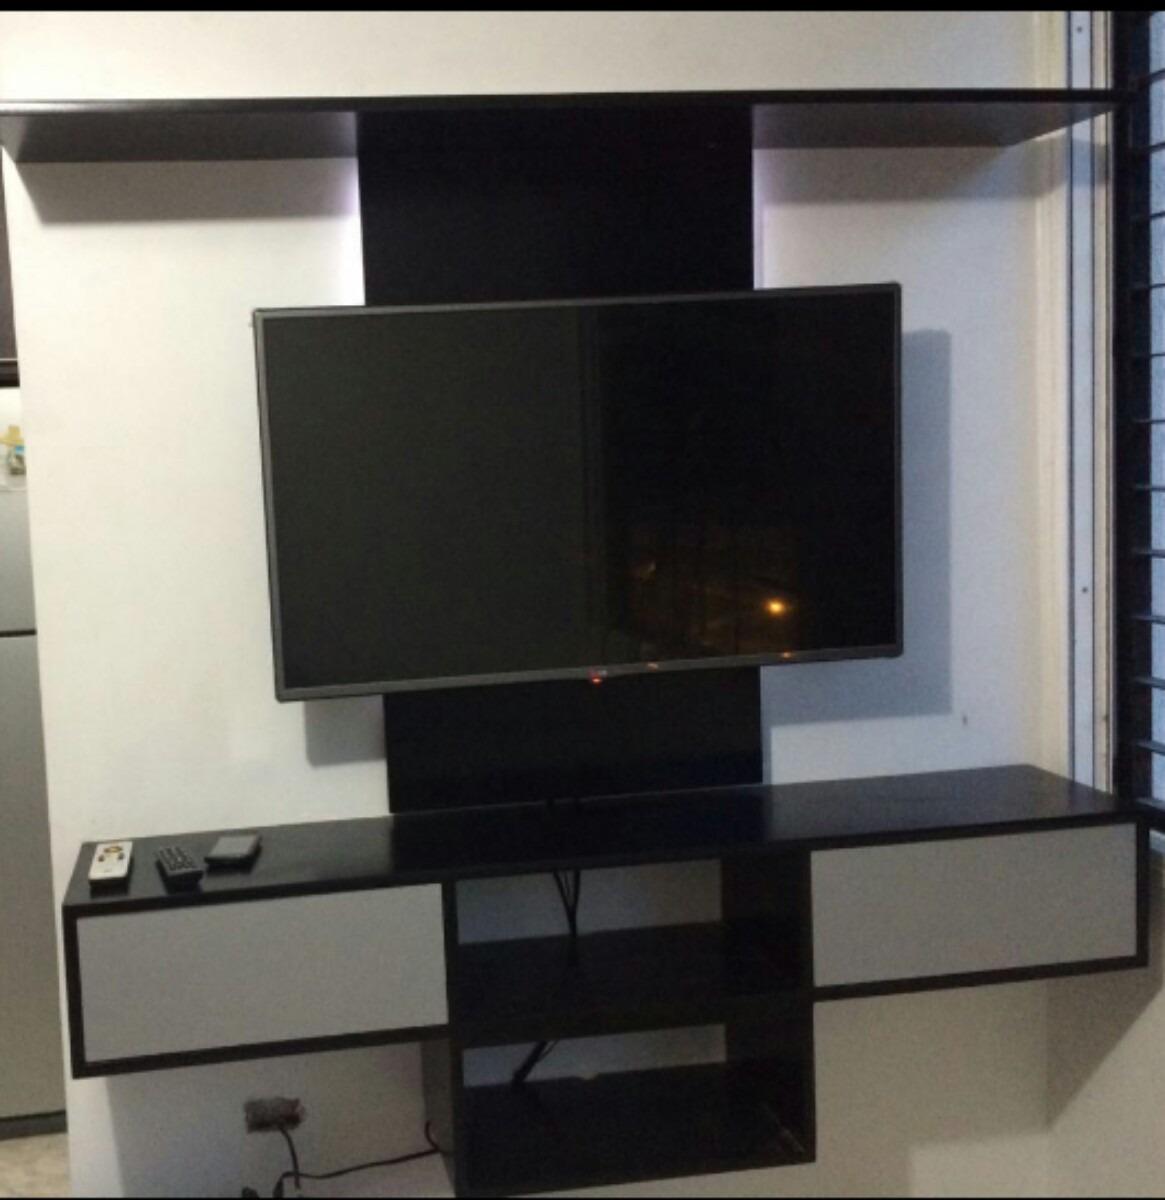 Centro entretenimiento tv blu ray dvd mueble repisa flotante bs en mercado libre - Mueble tv estrecho ...